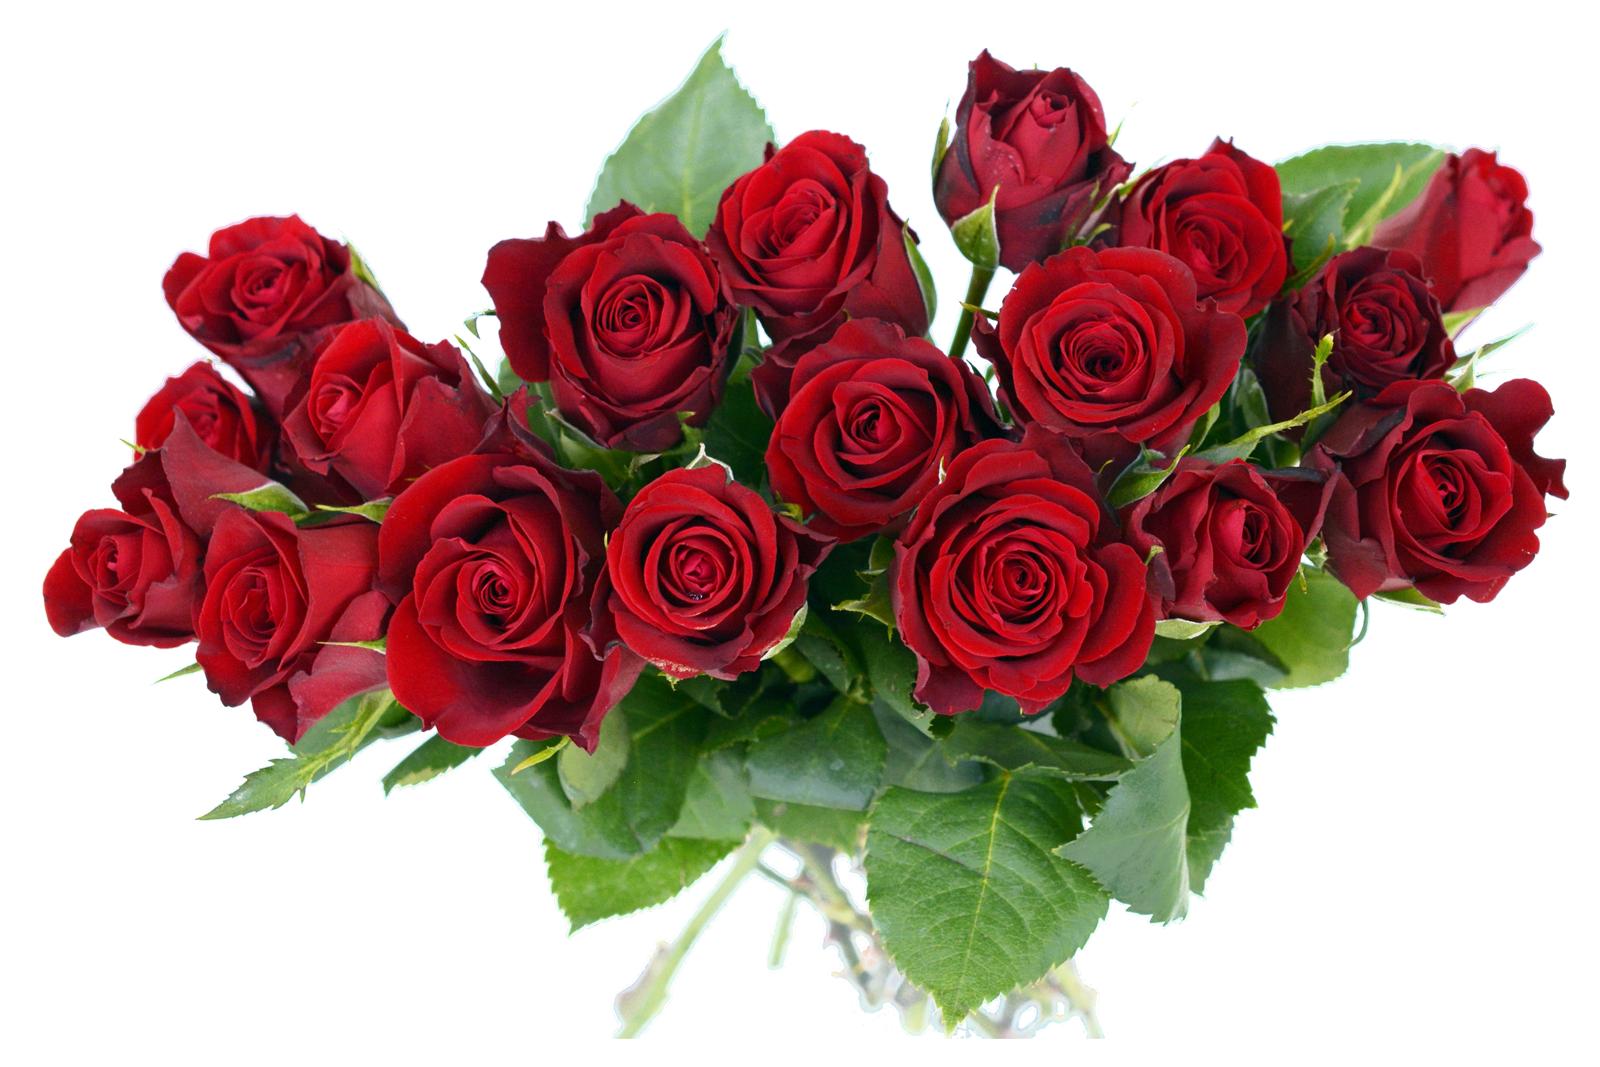 Rose Bouquet Png Image Purepng Free Transparent Cc0.